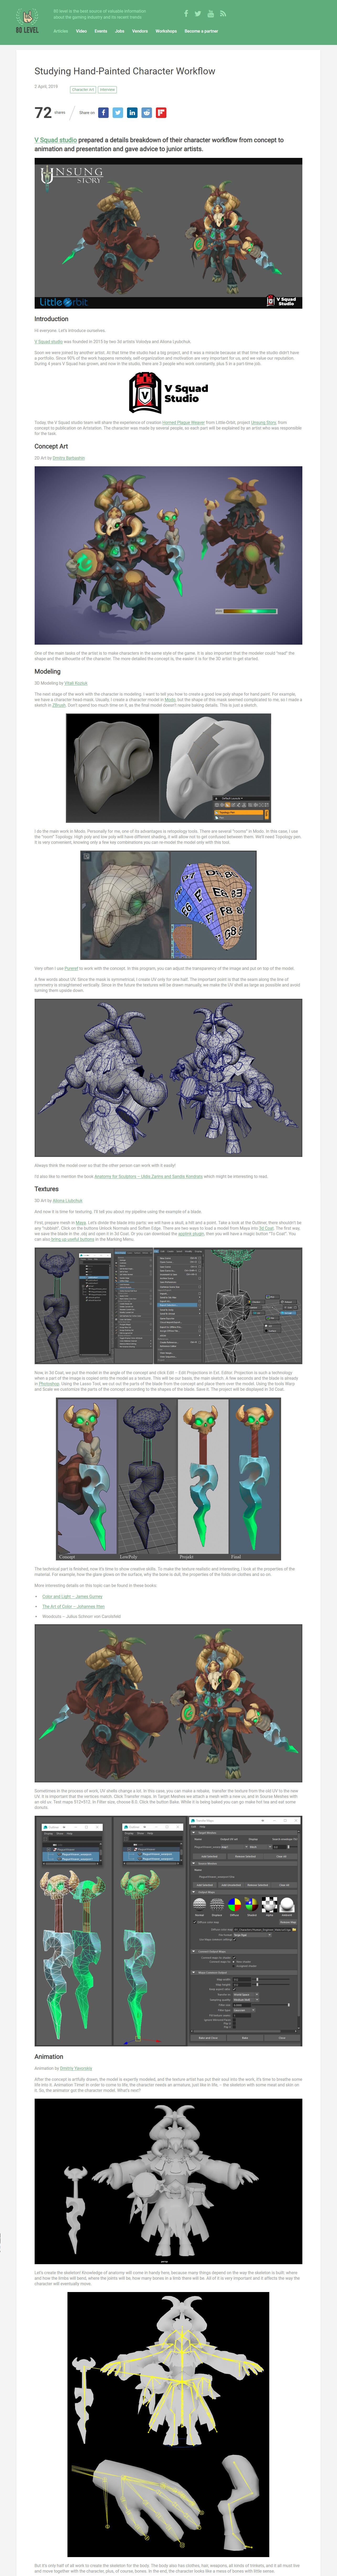 Vsqux studio our article 1